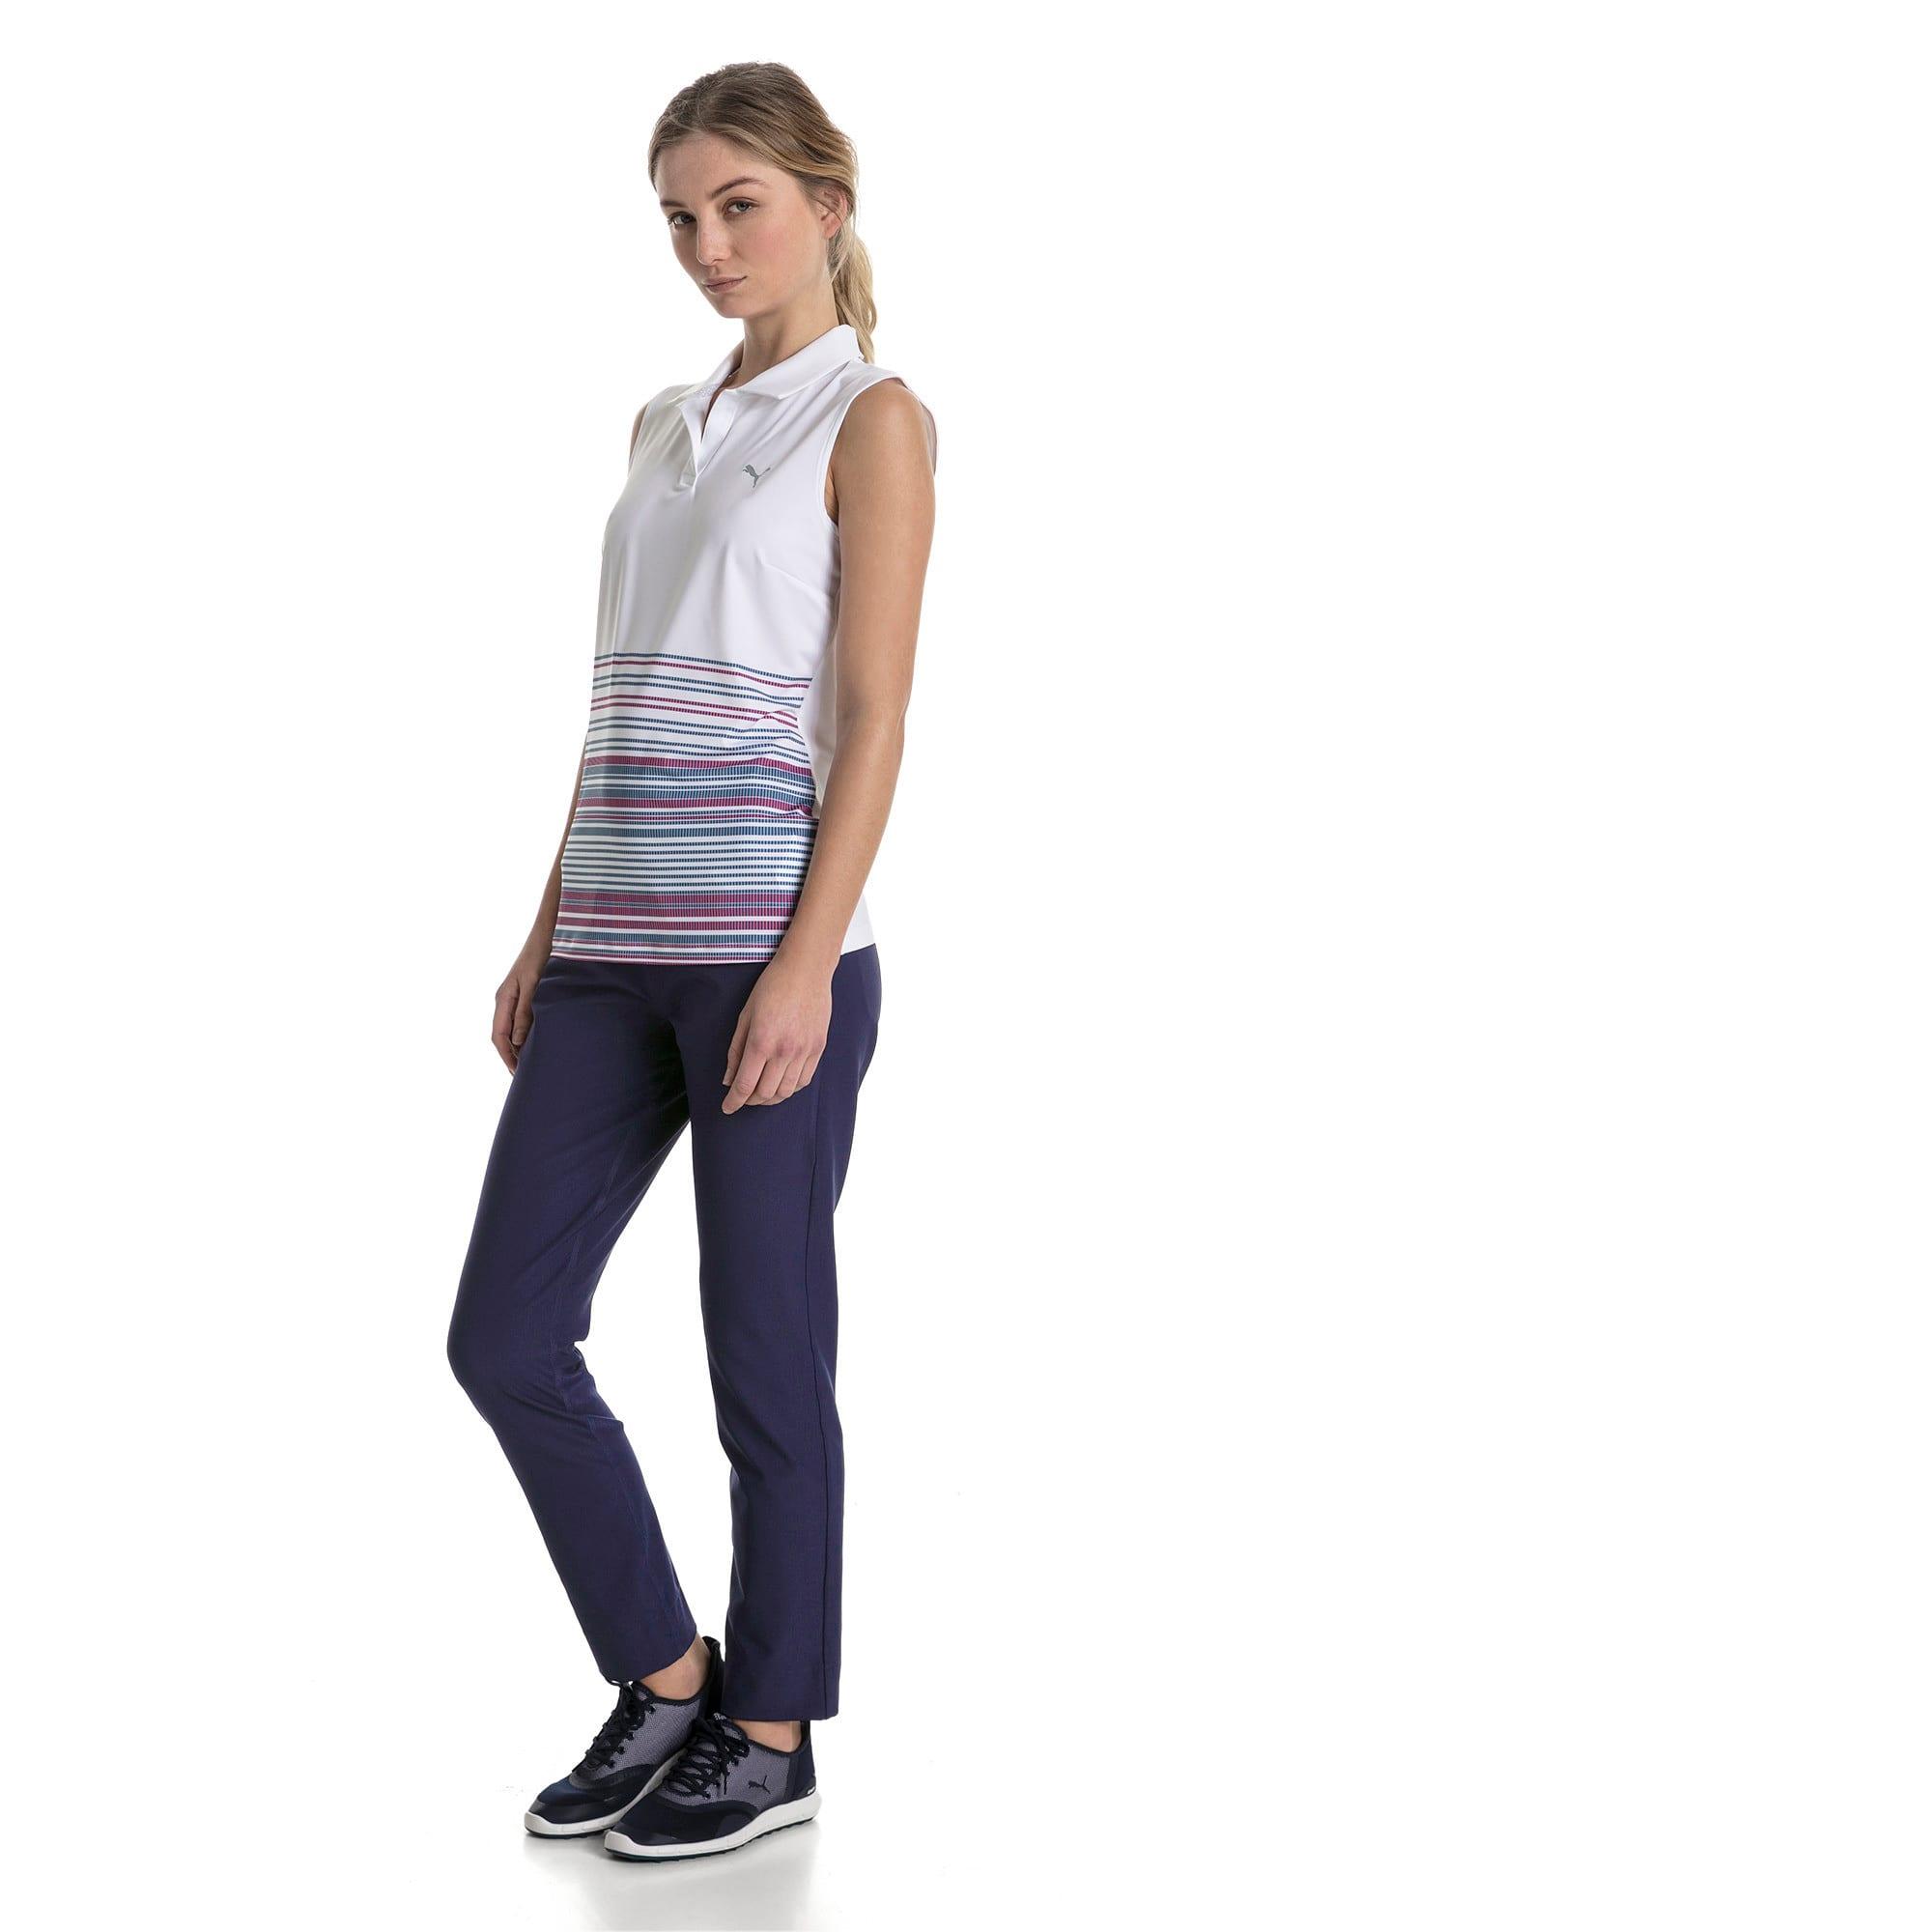 Thumbnail 3 of Golf - PWRSHAPE broek met elastische taille voor dames, Peacoat, medium